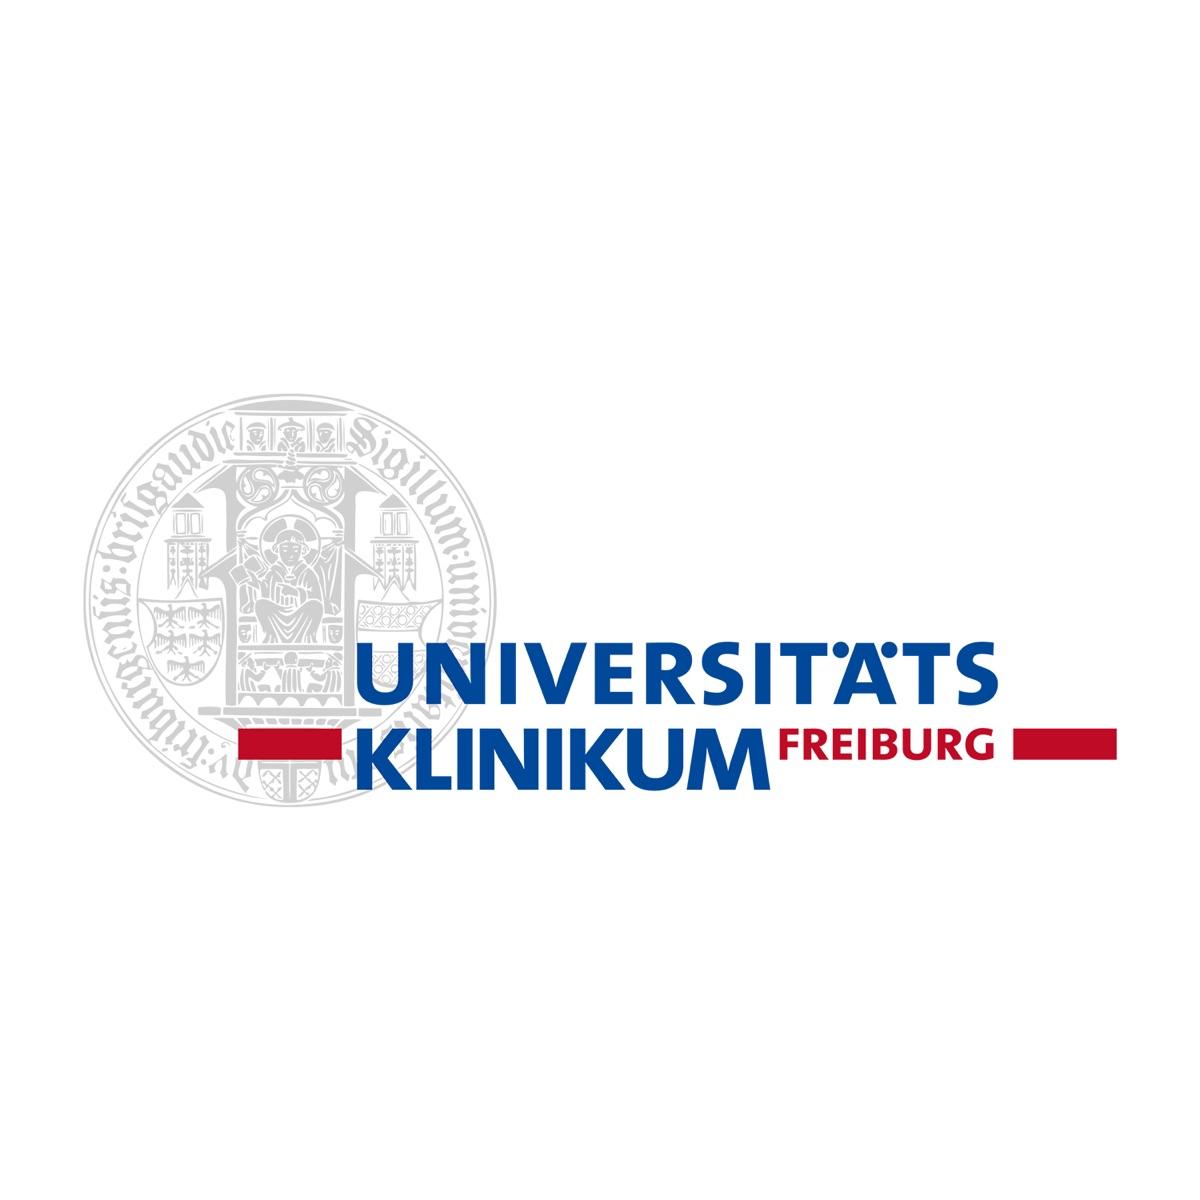 Neues aus der Uniklinik Freiburg